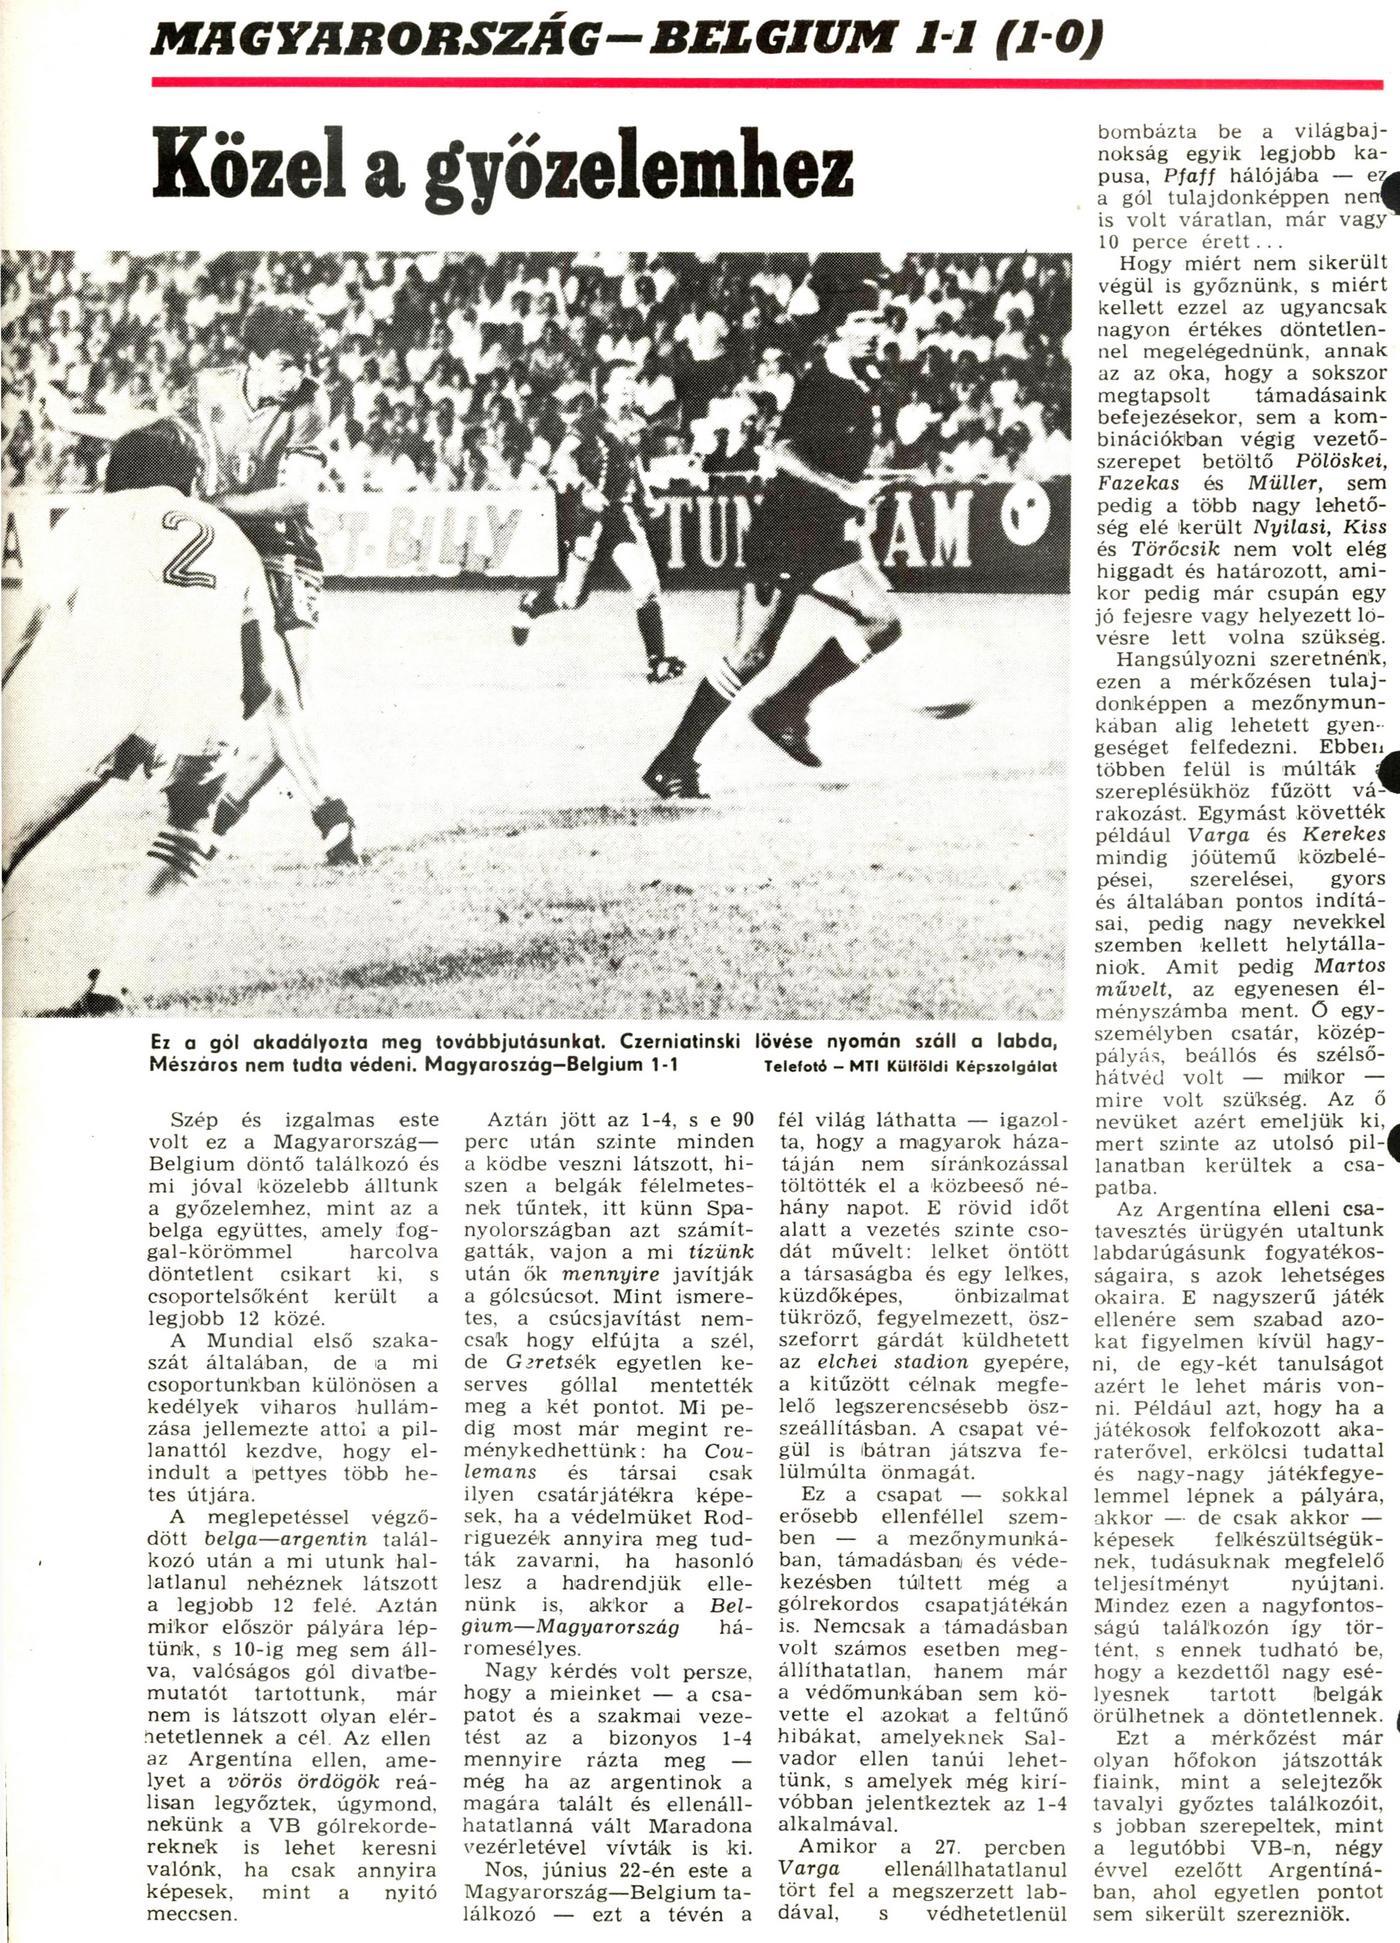 Labdarugas-1982-06-0008-19820622